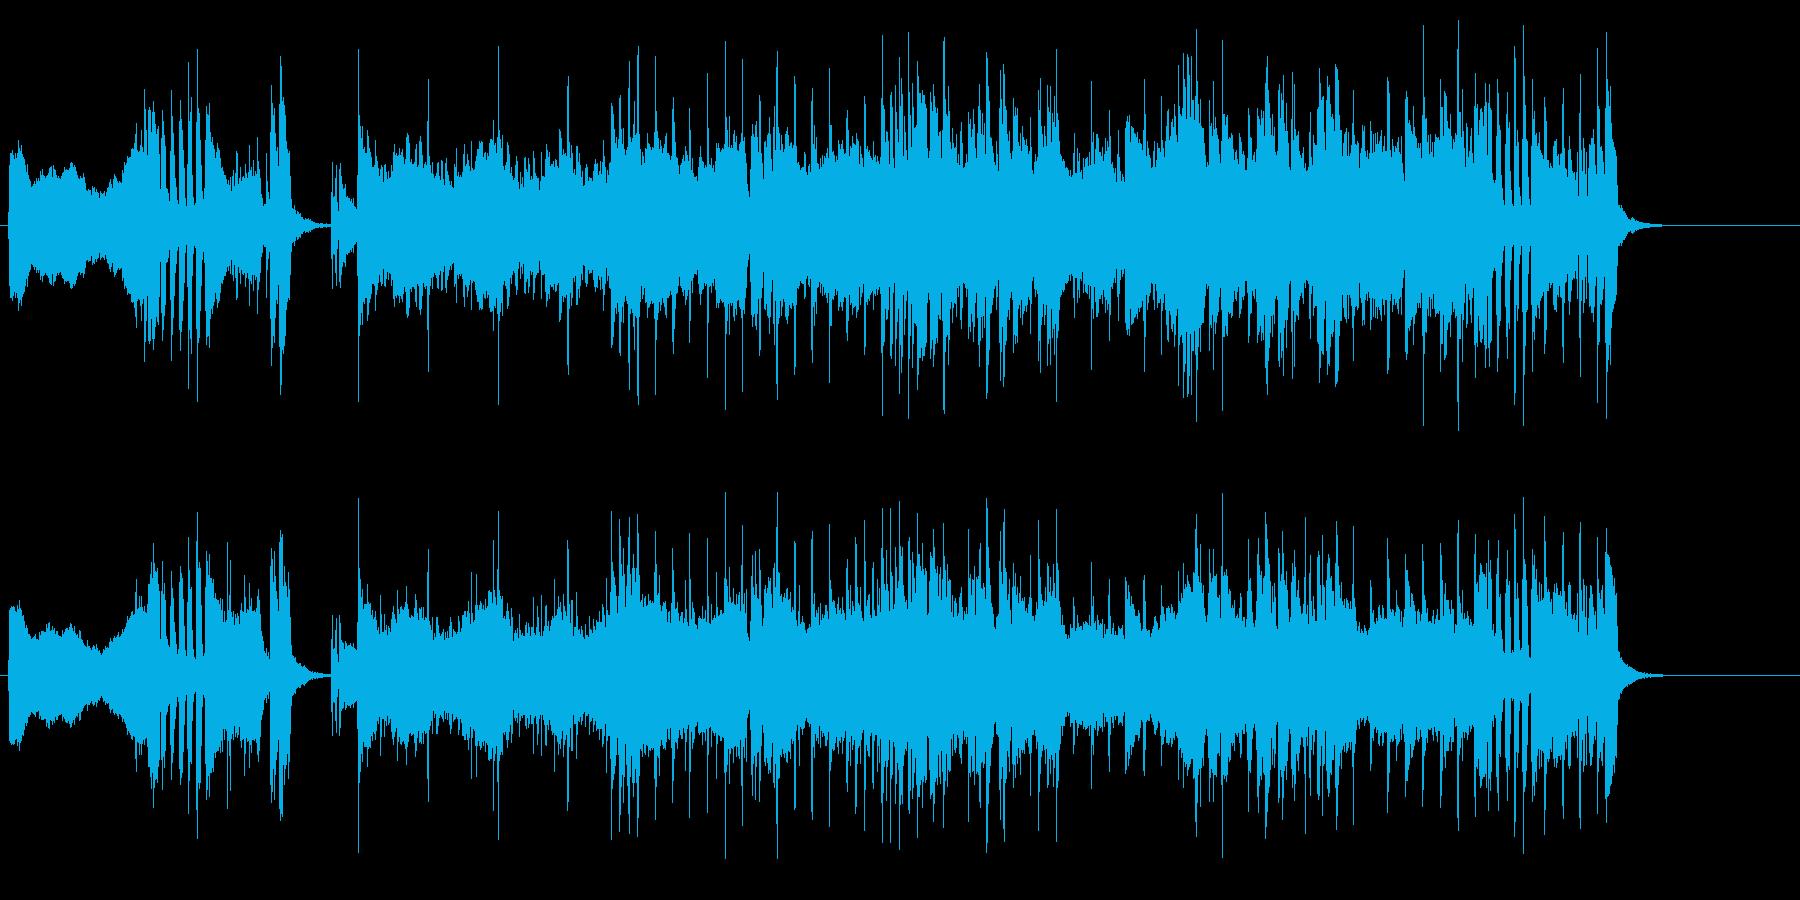 オープニング・テーマ向きの曲の再生済みの波形